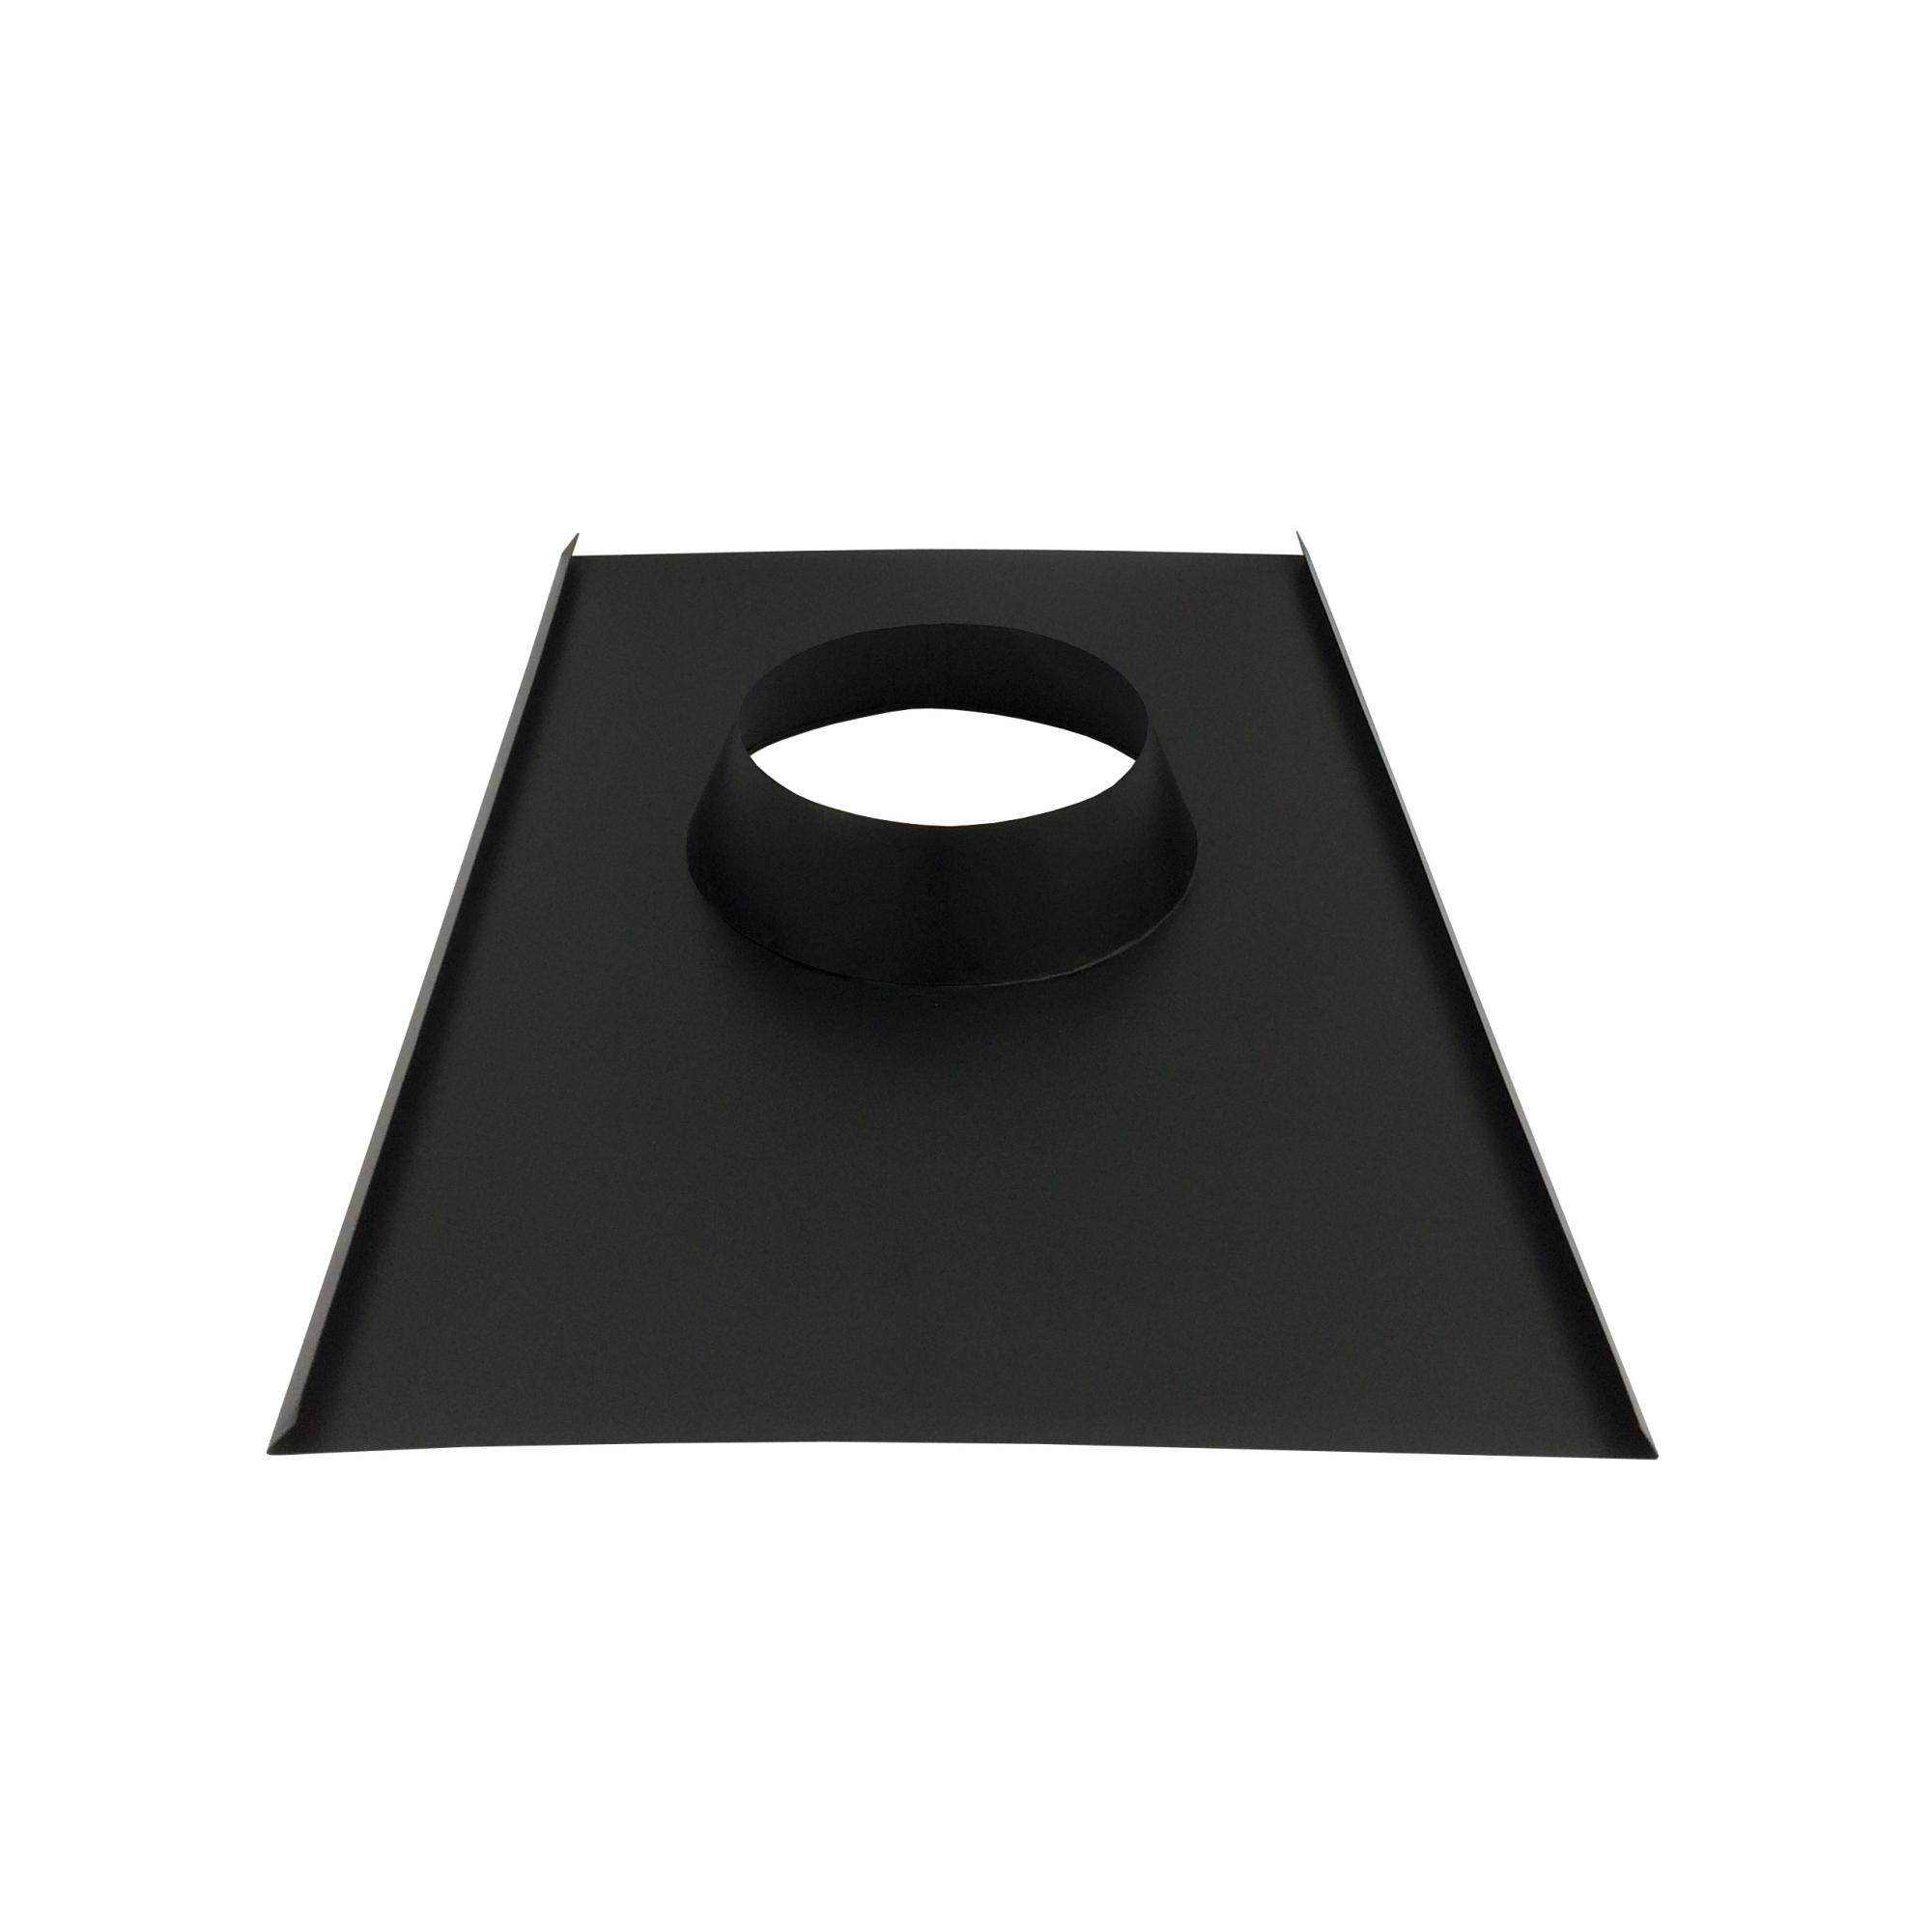 Coifa com chamine pretos  - Galvocalhas